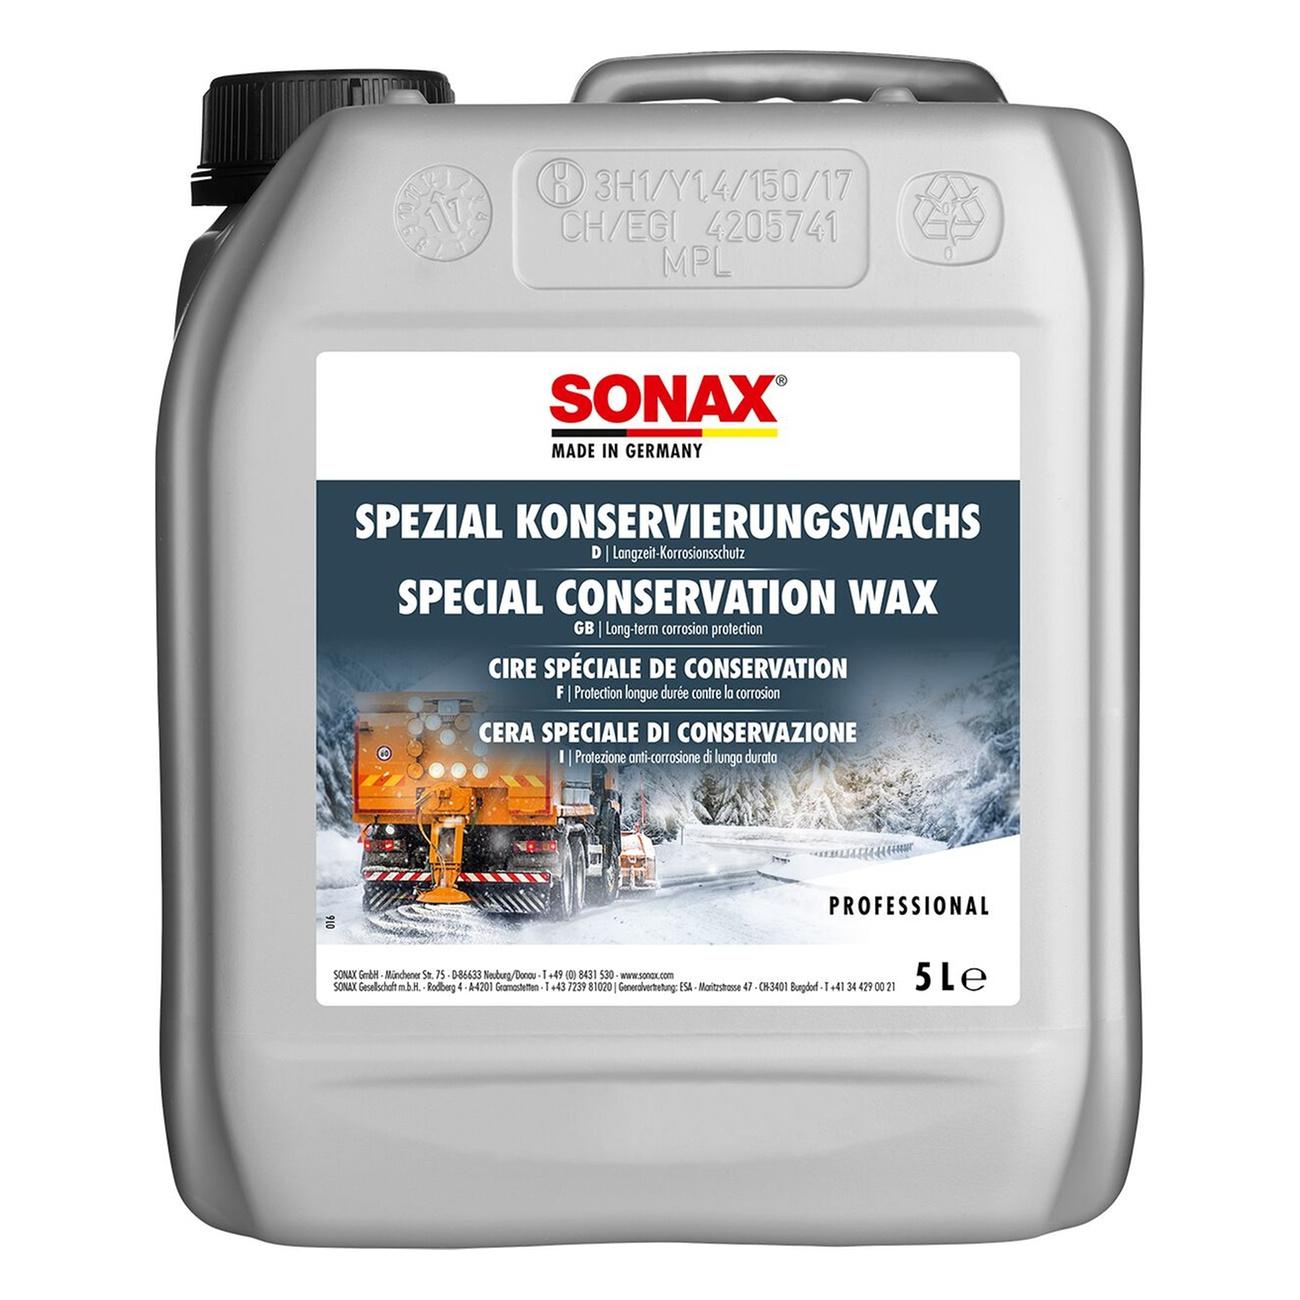 Sonax PROFILINE Sonax SpezialKonservierungs-Wachs 5L